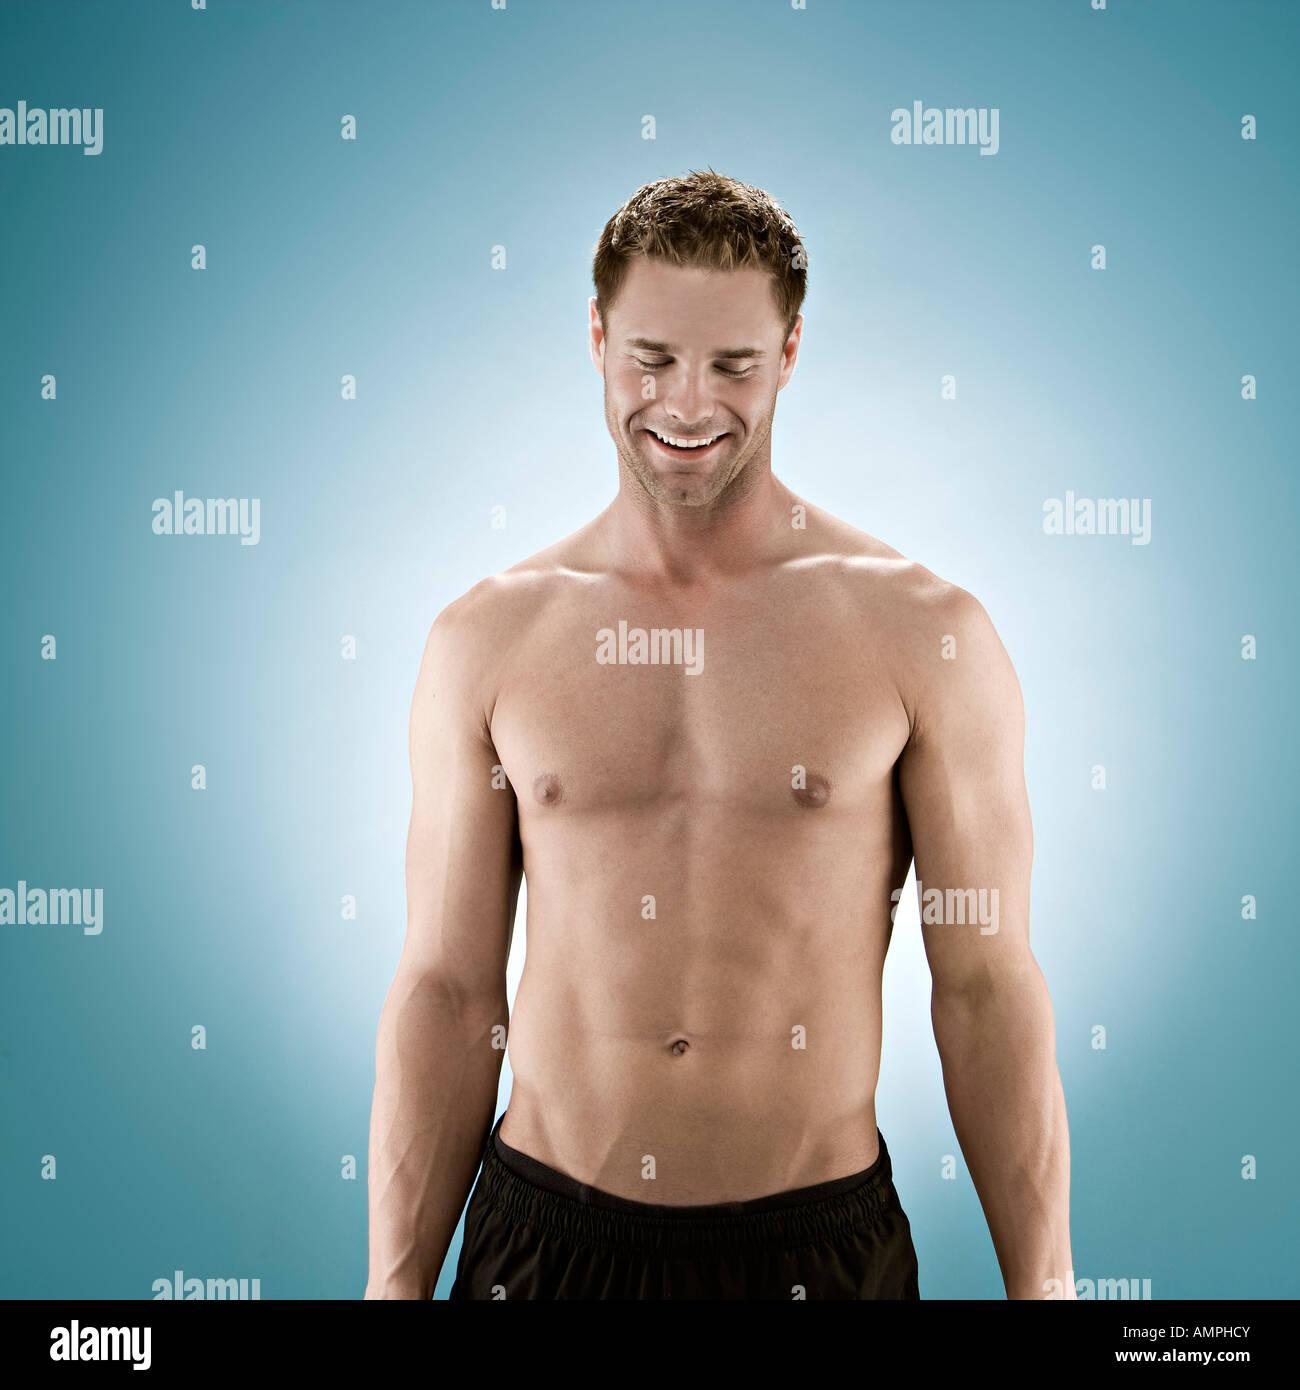 Beauté photo de 20 à 30 ans, homme, avec chemise hors tension. Photo Stock